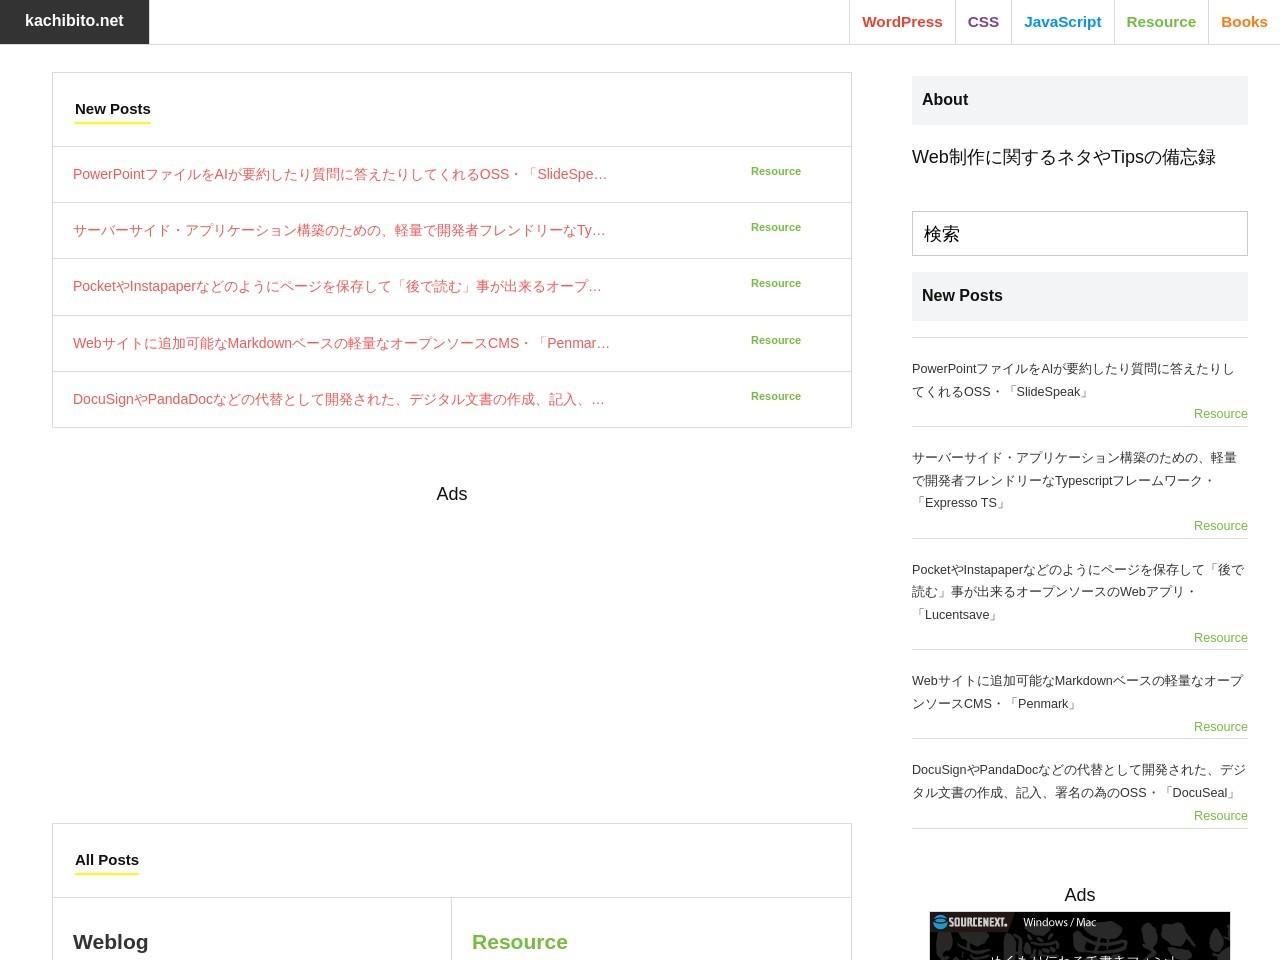 http://kachibito.net/useful-resource/logodust